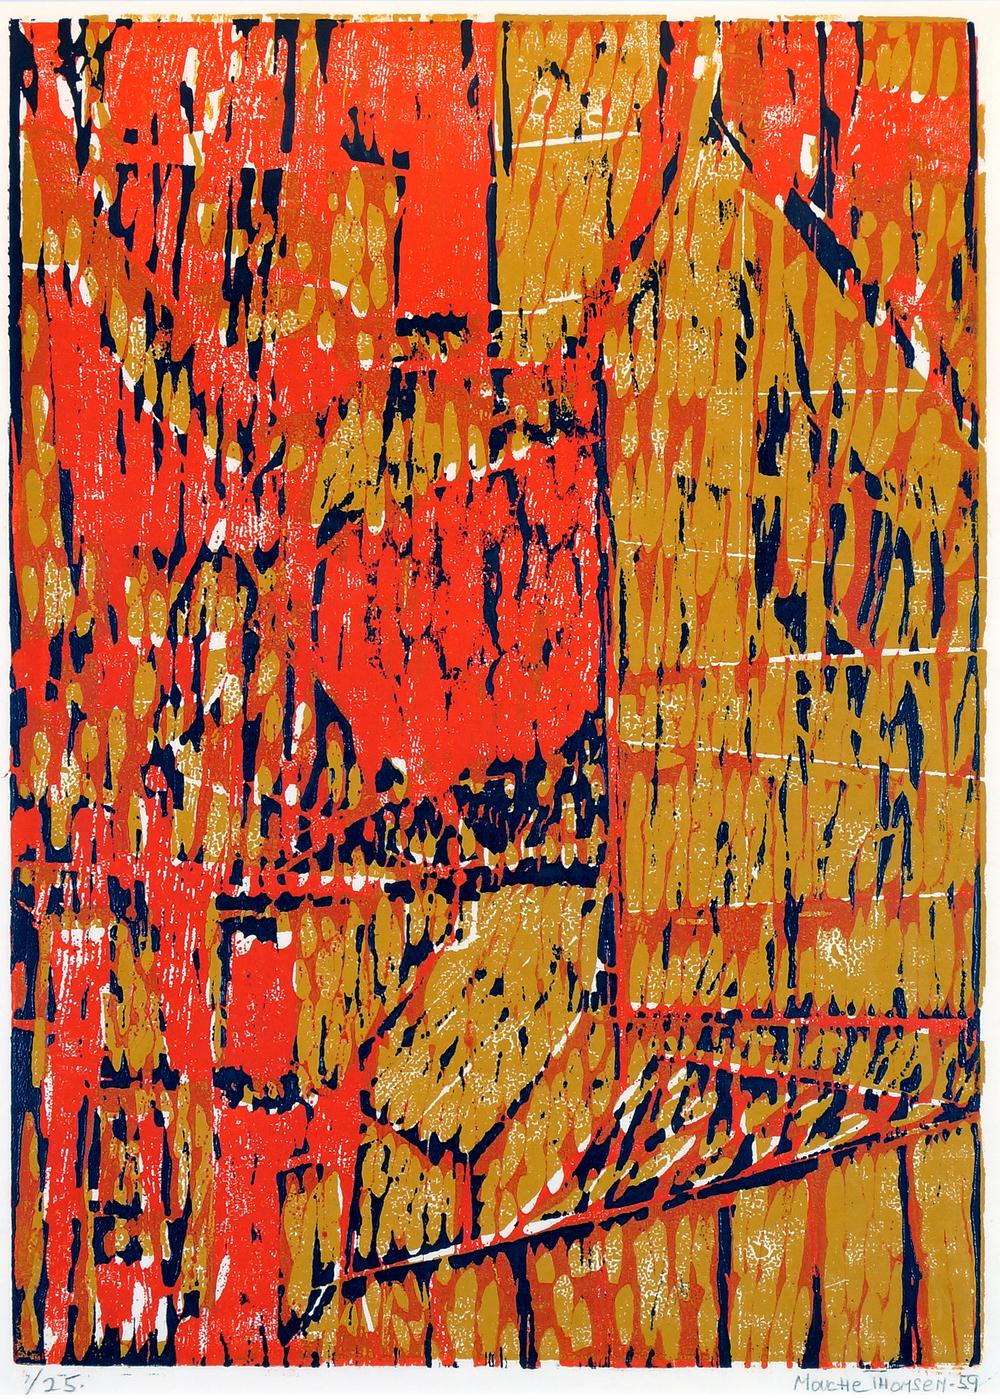 MOUCE THOMSEN (NO): KOMPOSISJON, 1950, FARGETRESNITT, 560 X 400 MM